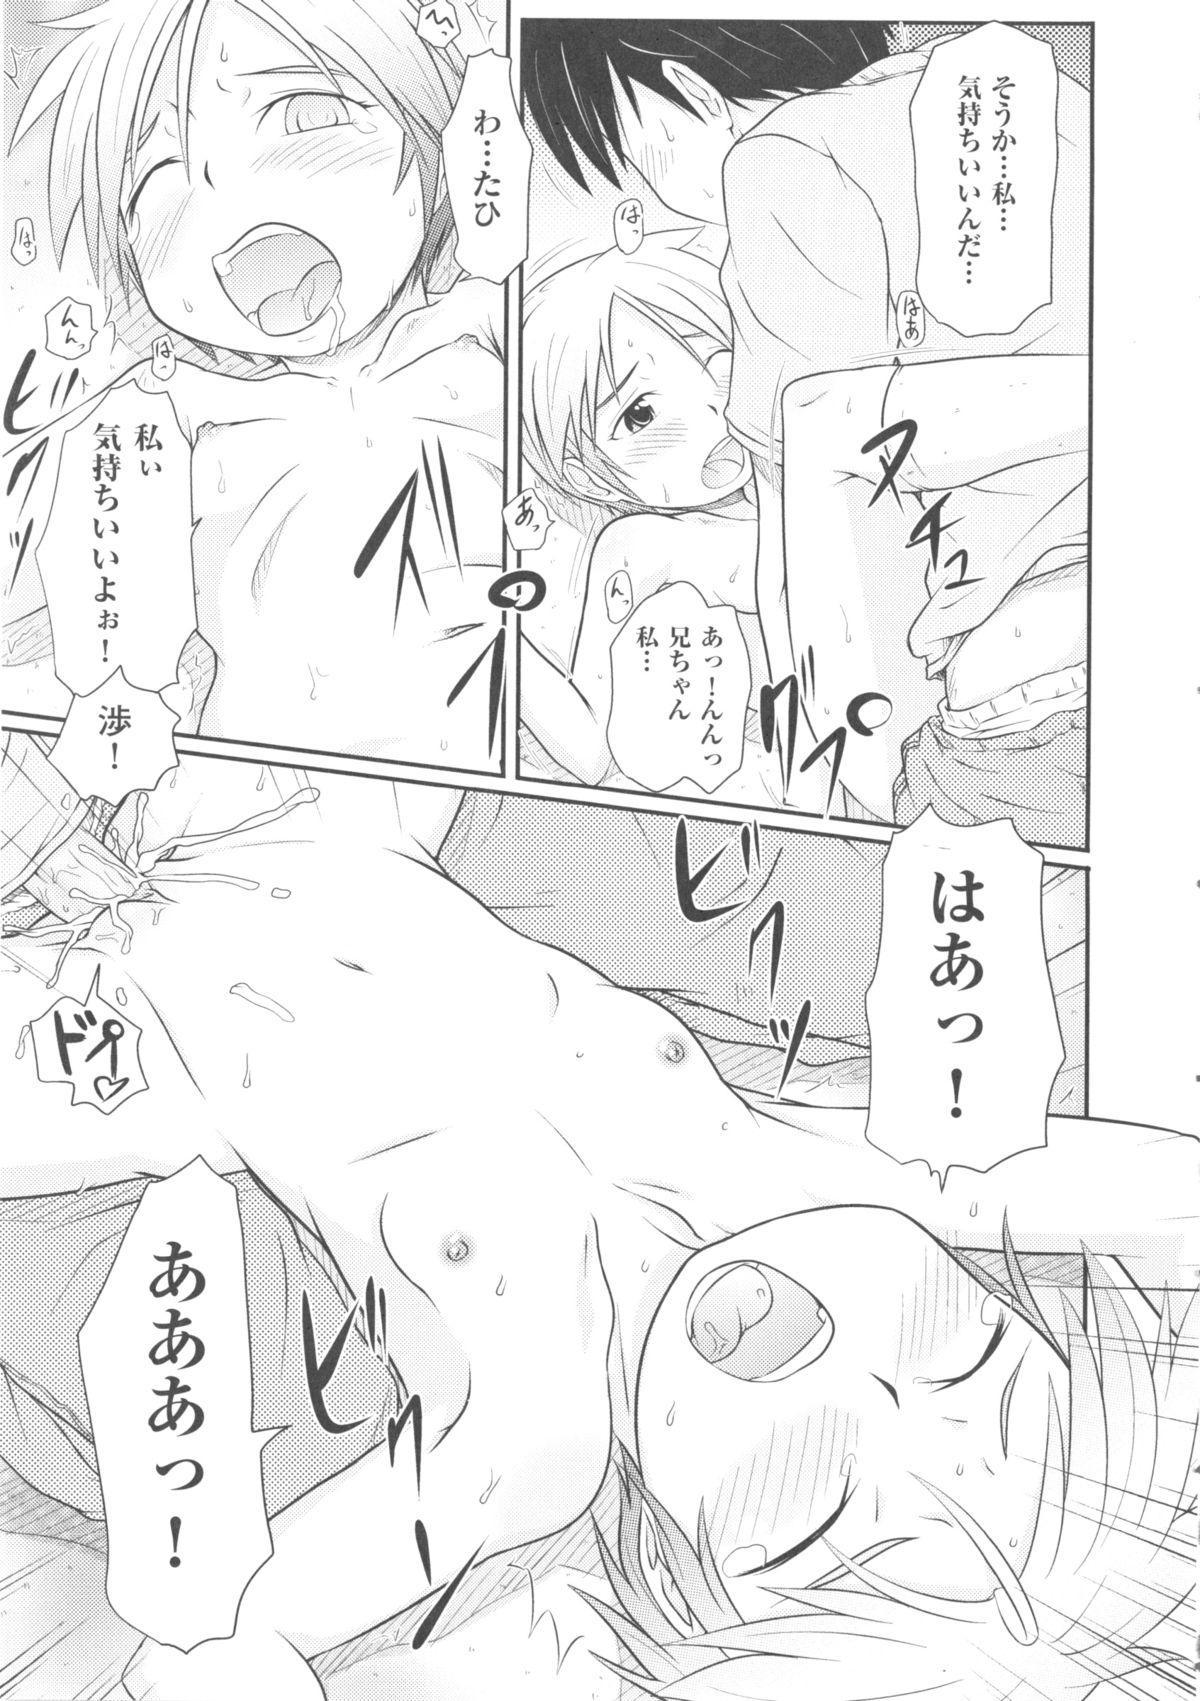 Comic Ino. 04 102